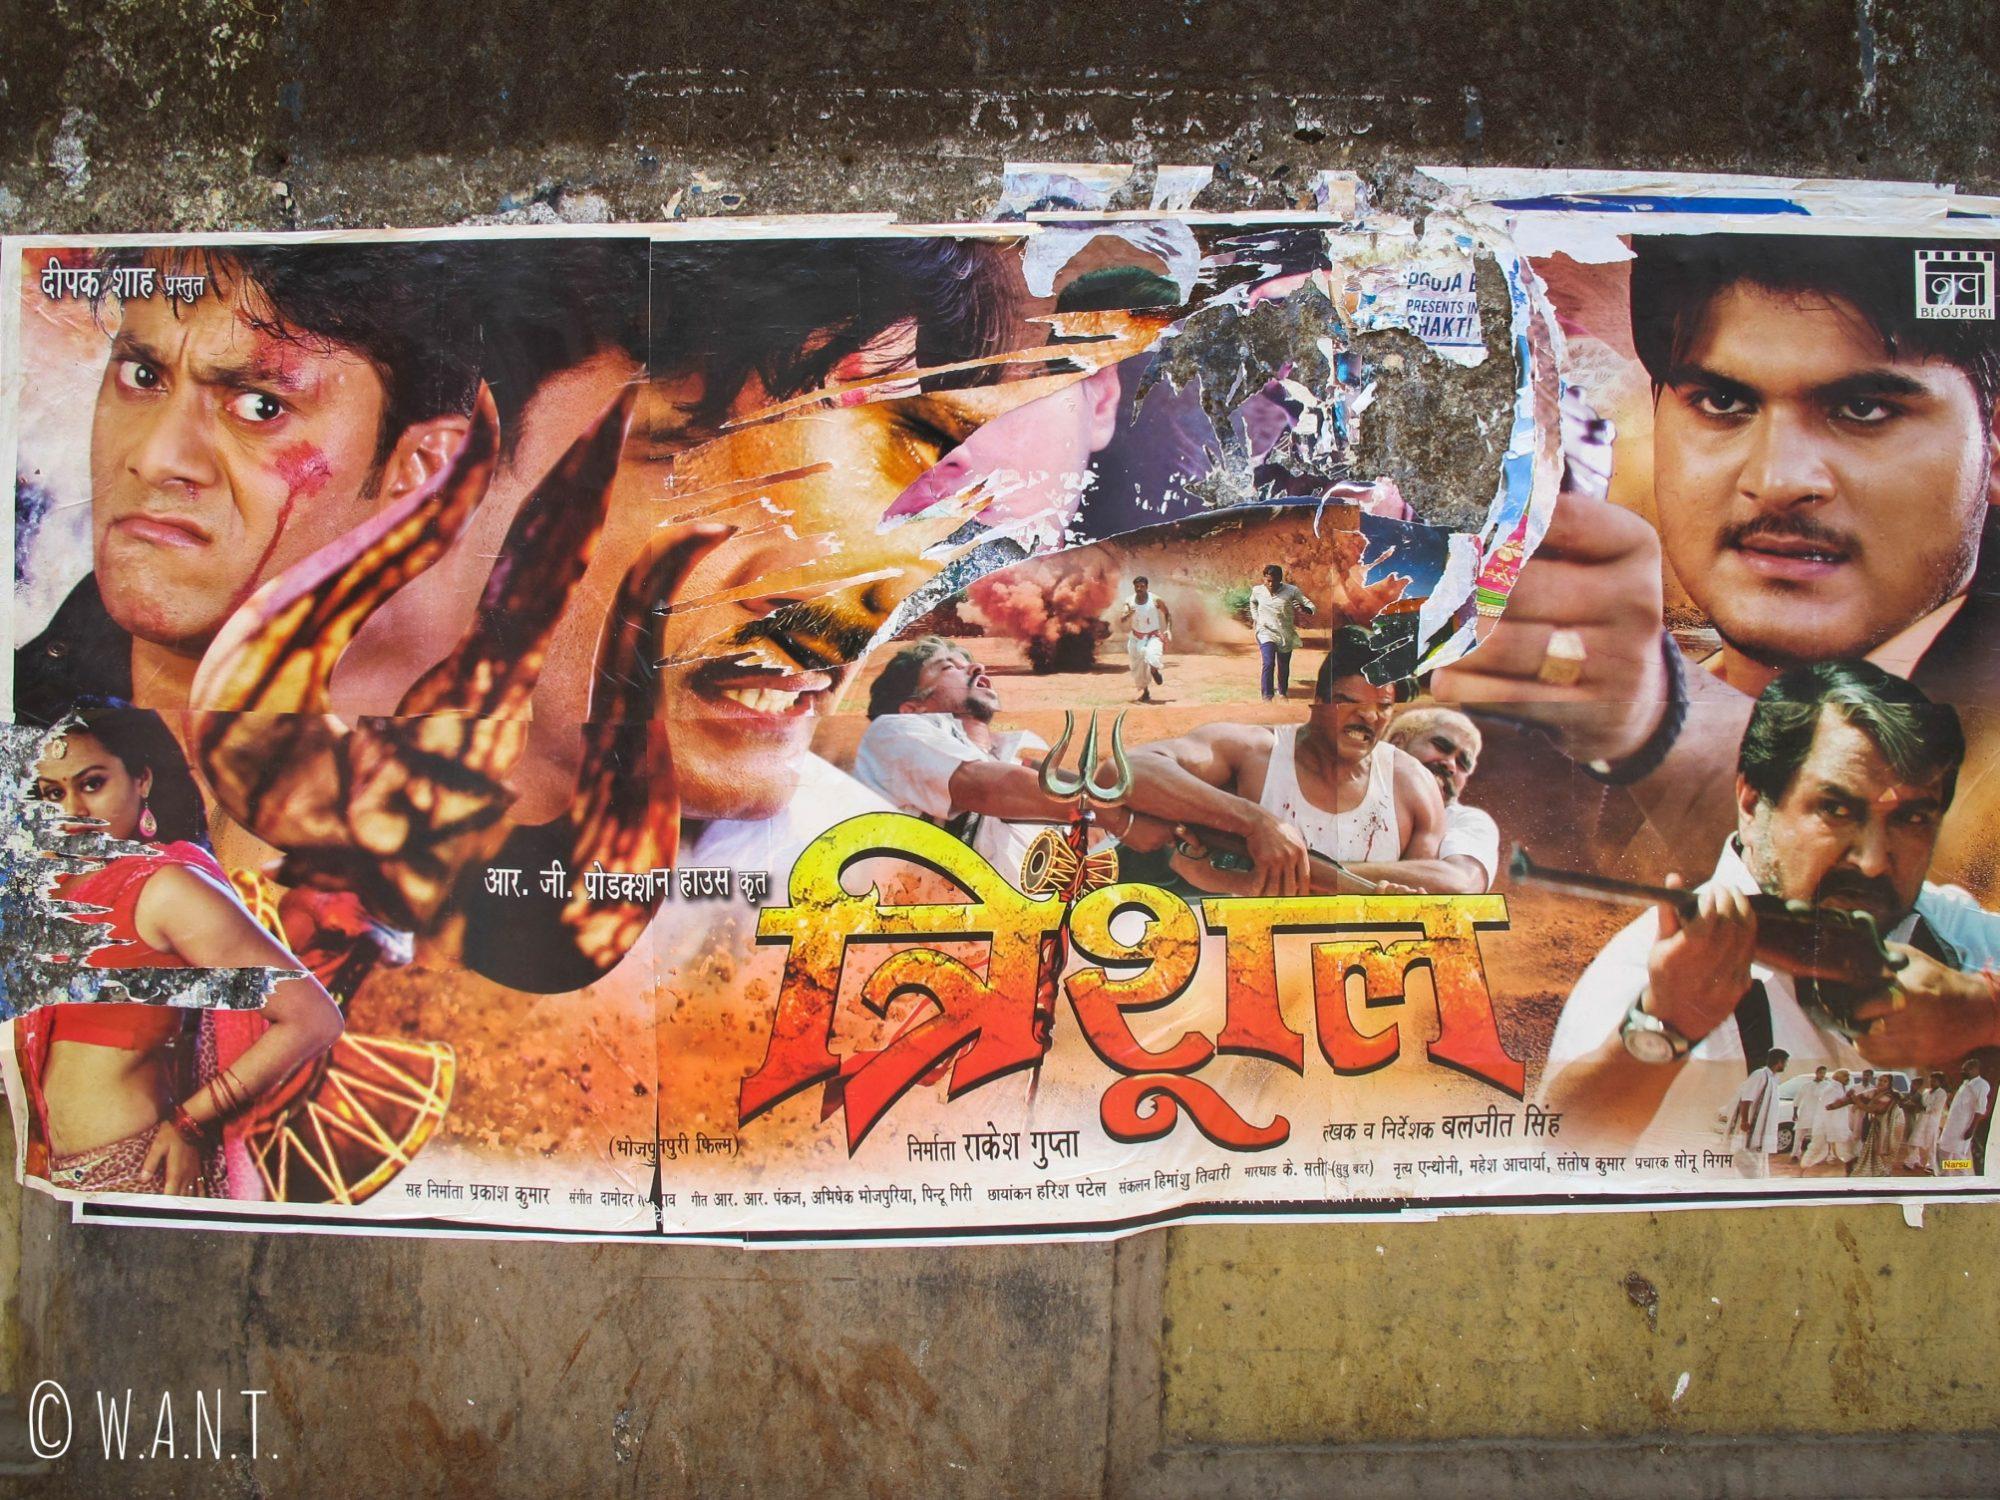 Affiche typique d'un film de Bollywood dans les rues de Mumbai